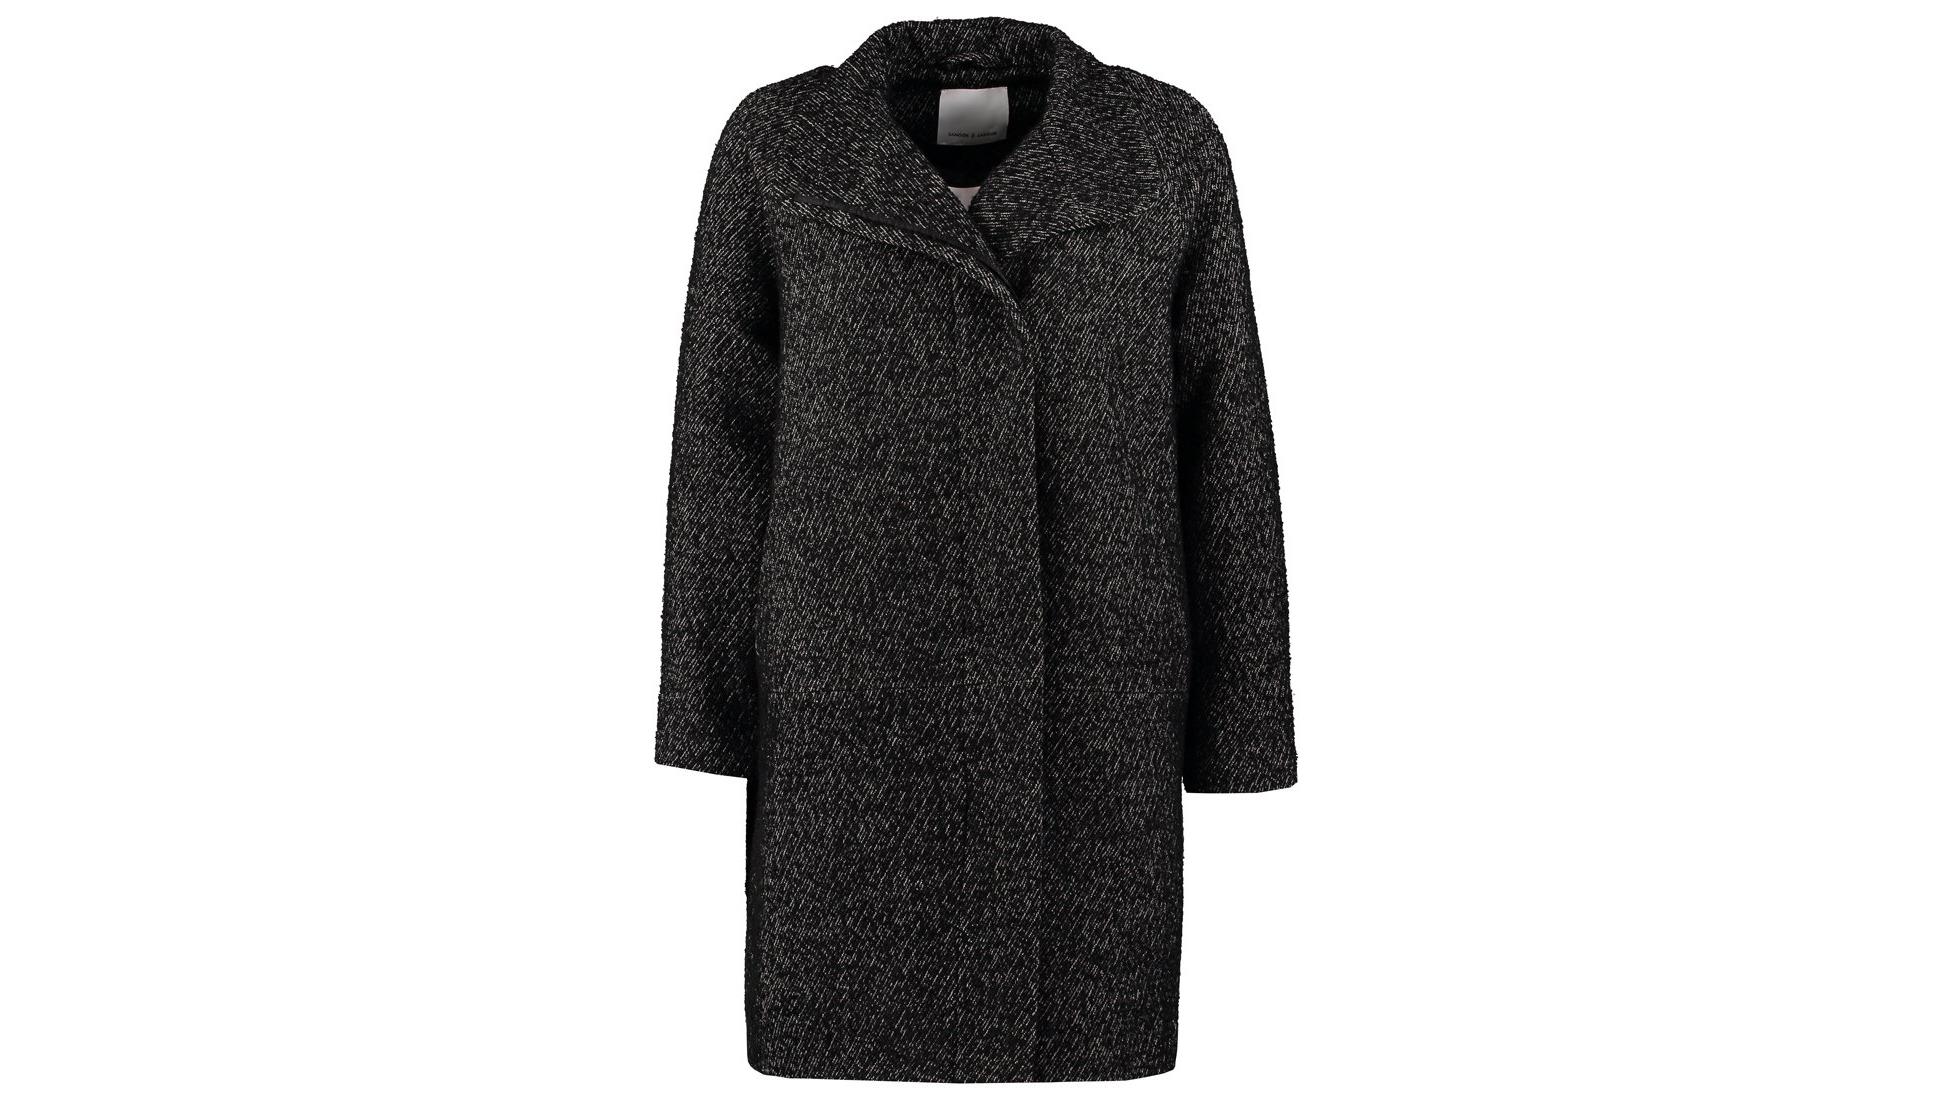 Samsoe & Samesoe Danish Black Coat - Autumn Wardrobe Essentials | Scandinavia Standard